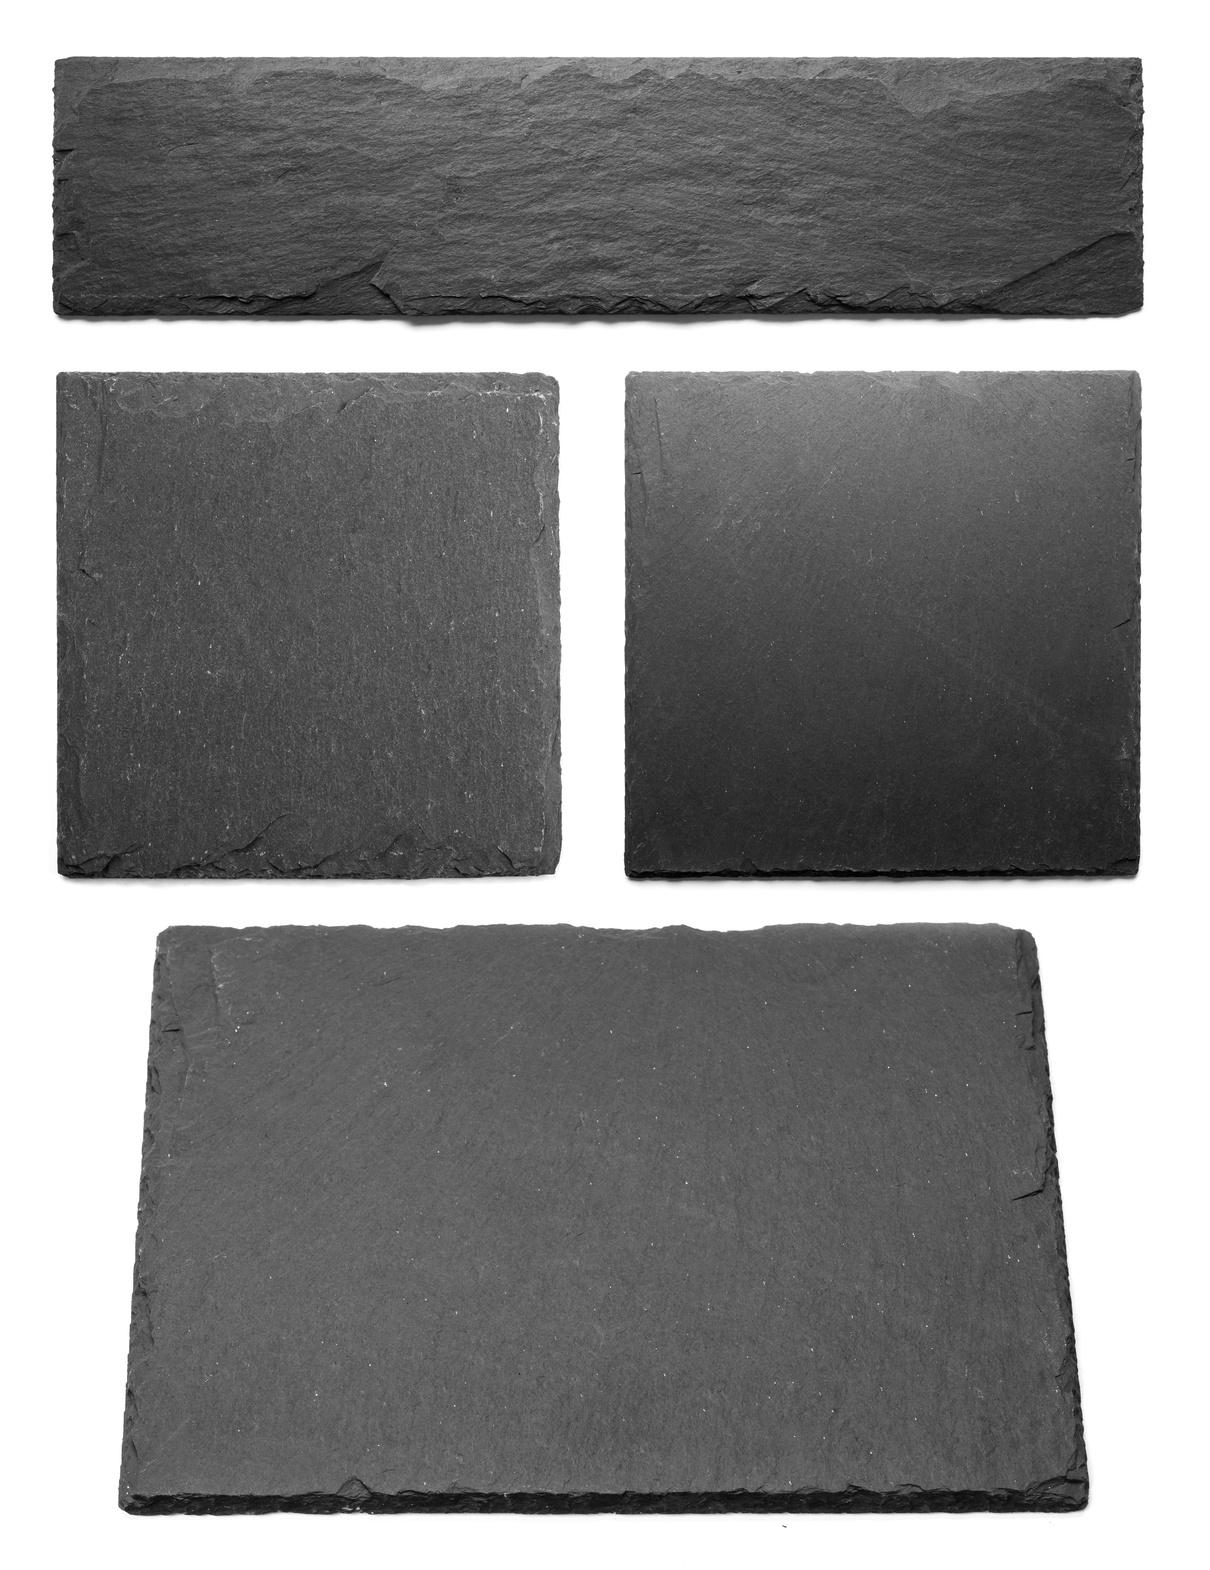 schiefer nat rliches verlegematerial f r innen und au en dennis b sel renoviert. Black Bedroom Furniture Sets. Home Design Ideas